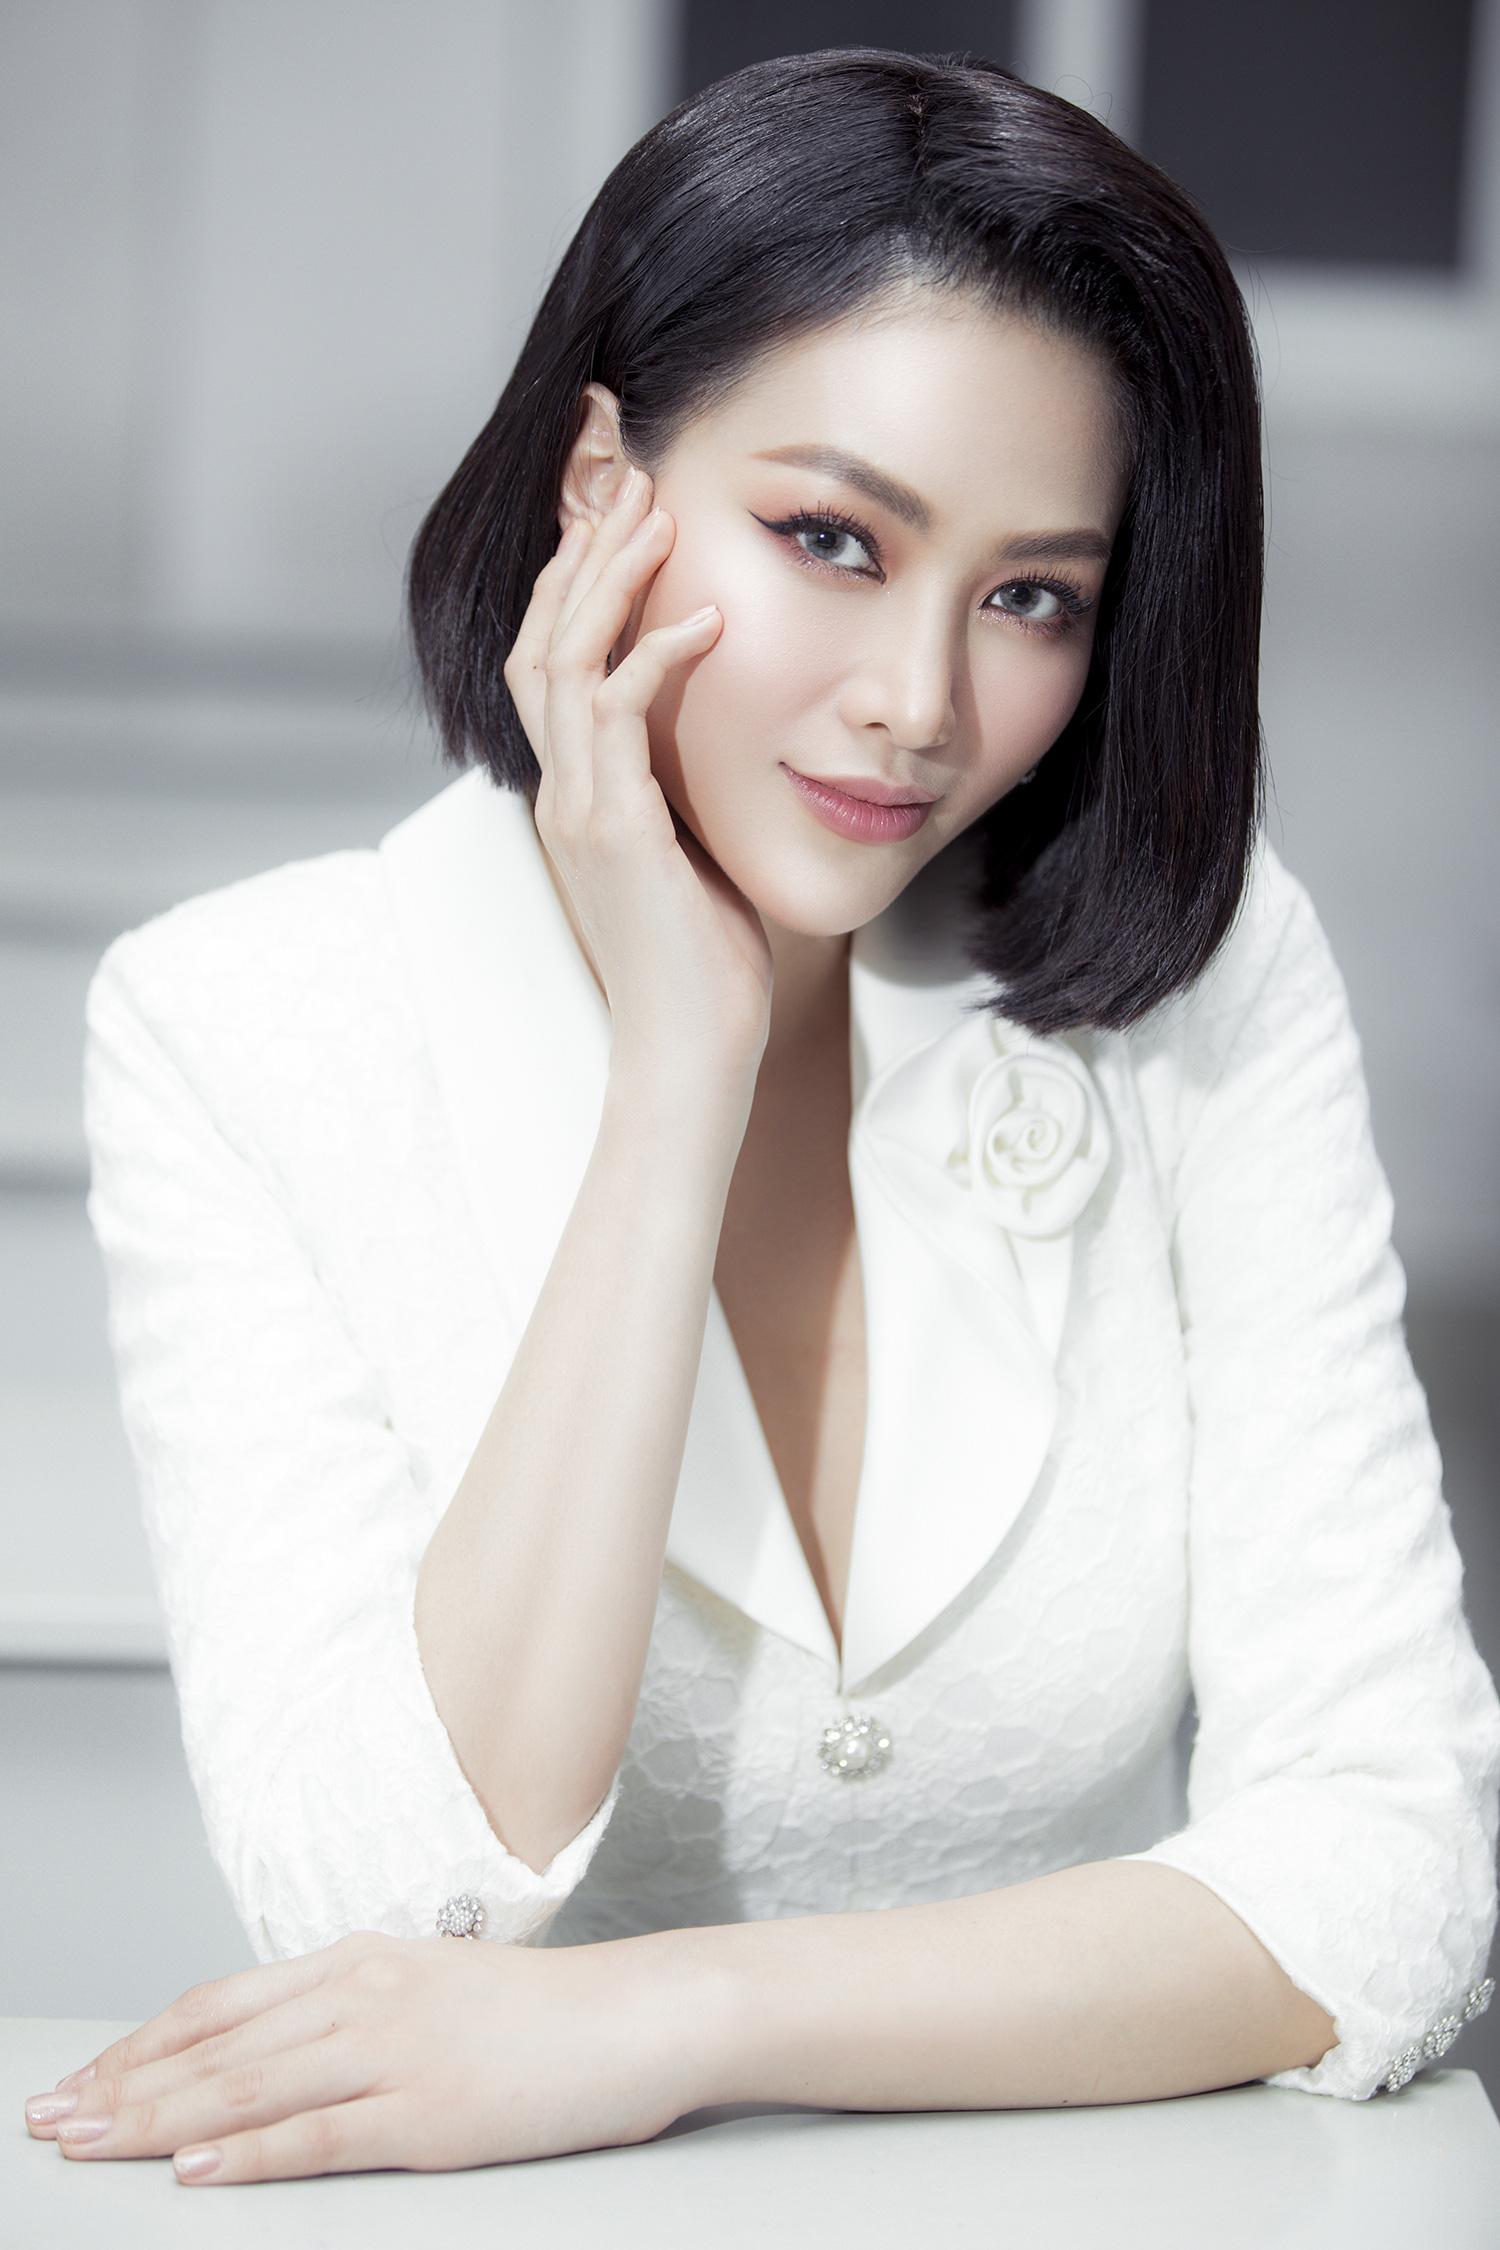 """Hoa hậu Phương Khánh khoe nhan sắc vạn người mê, đầy khí chất trên ghế nóng"""" - Ảnh 7."""